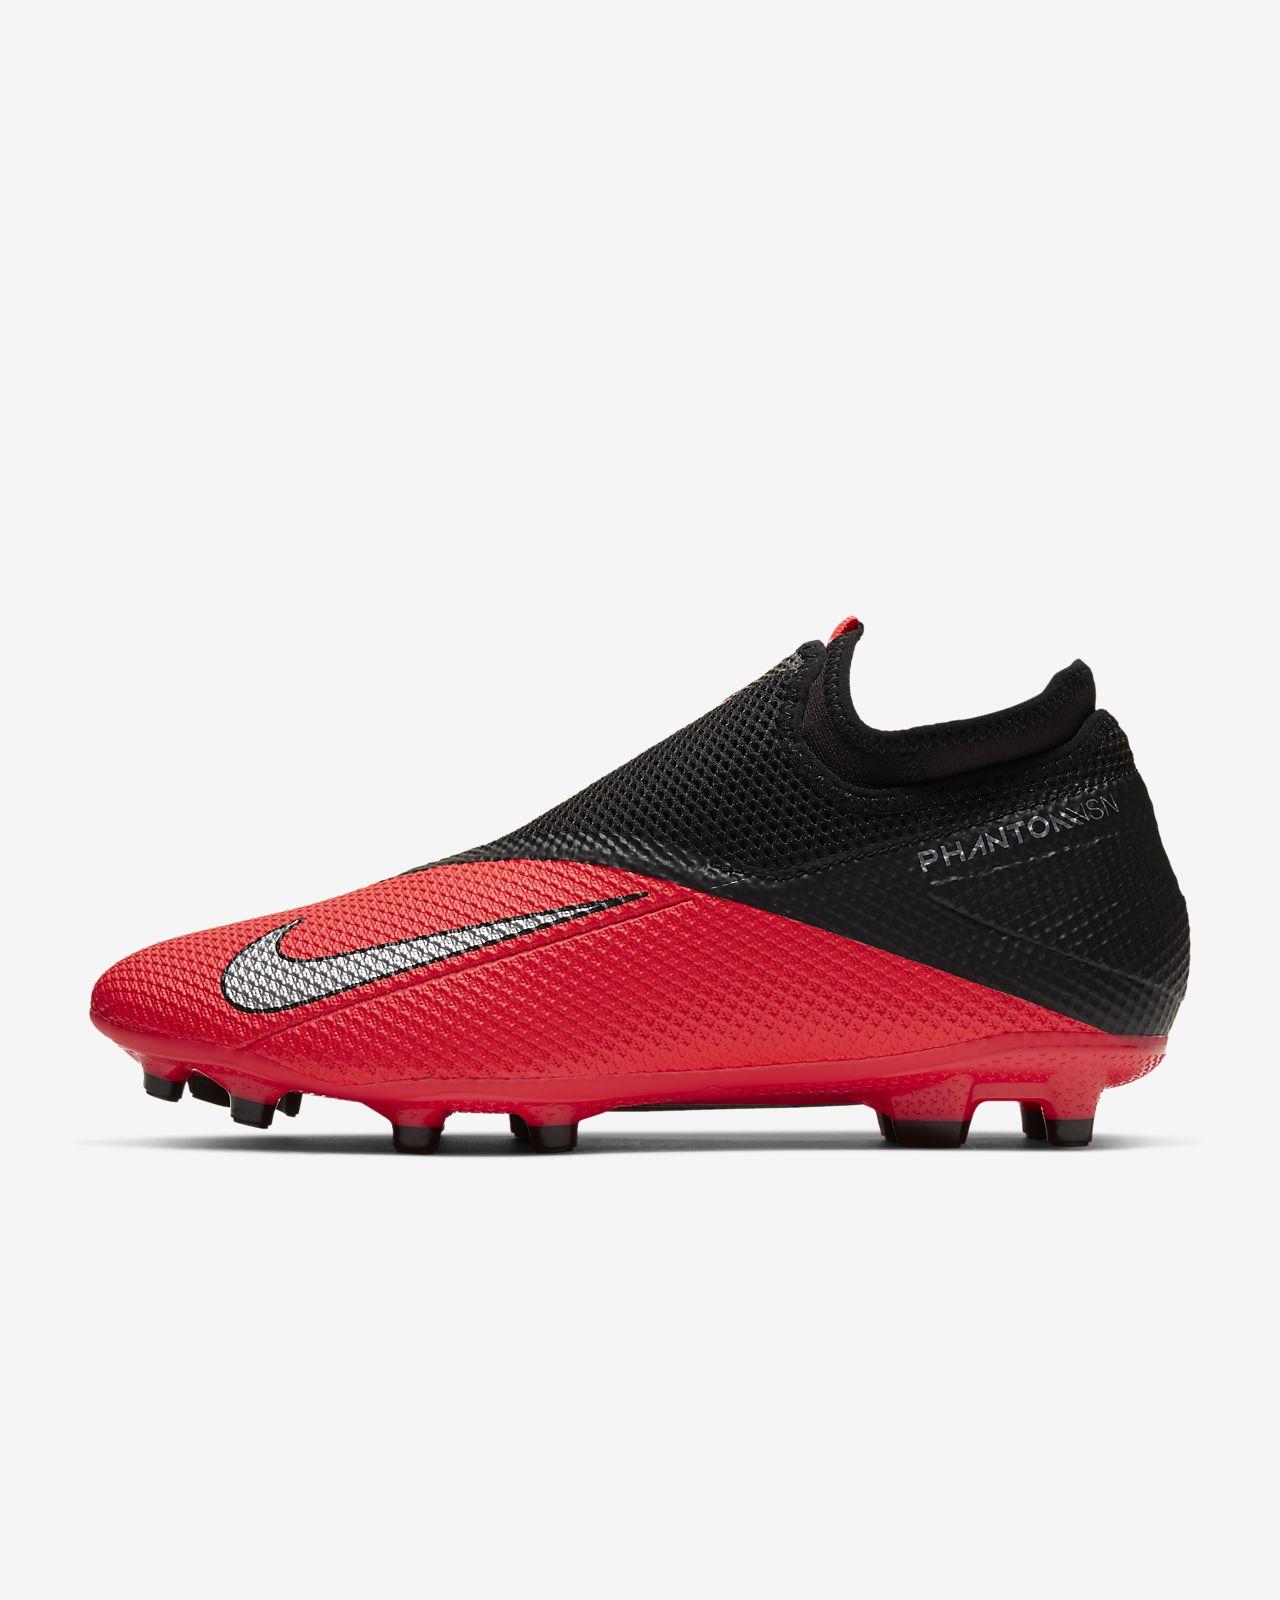 Nike Phantom Vision 2 Academy Dynamic Fit MG Fußballschuh für verschiedene Böden